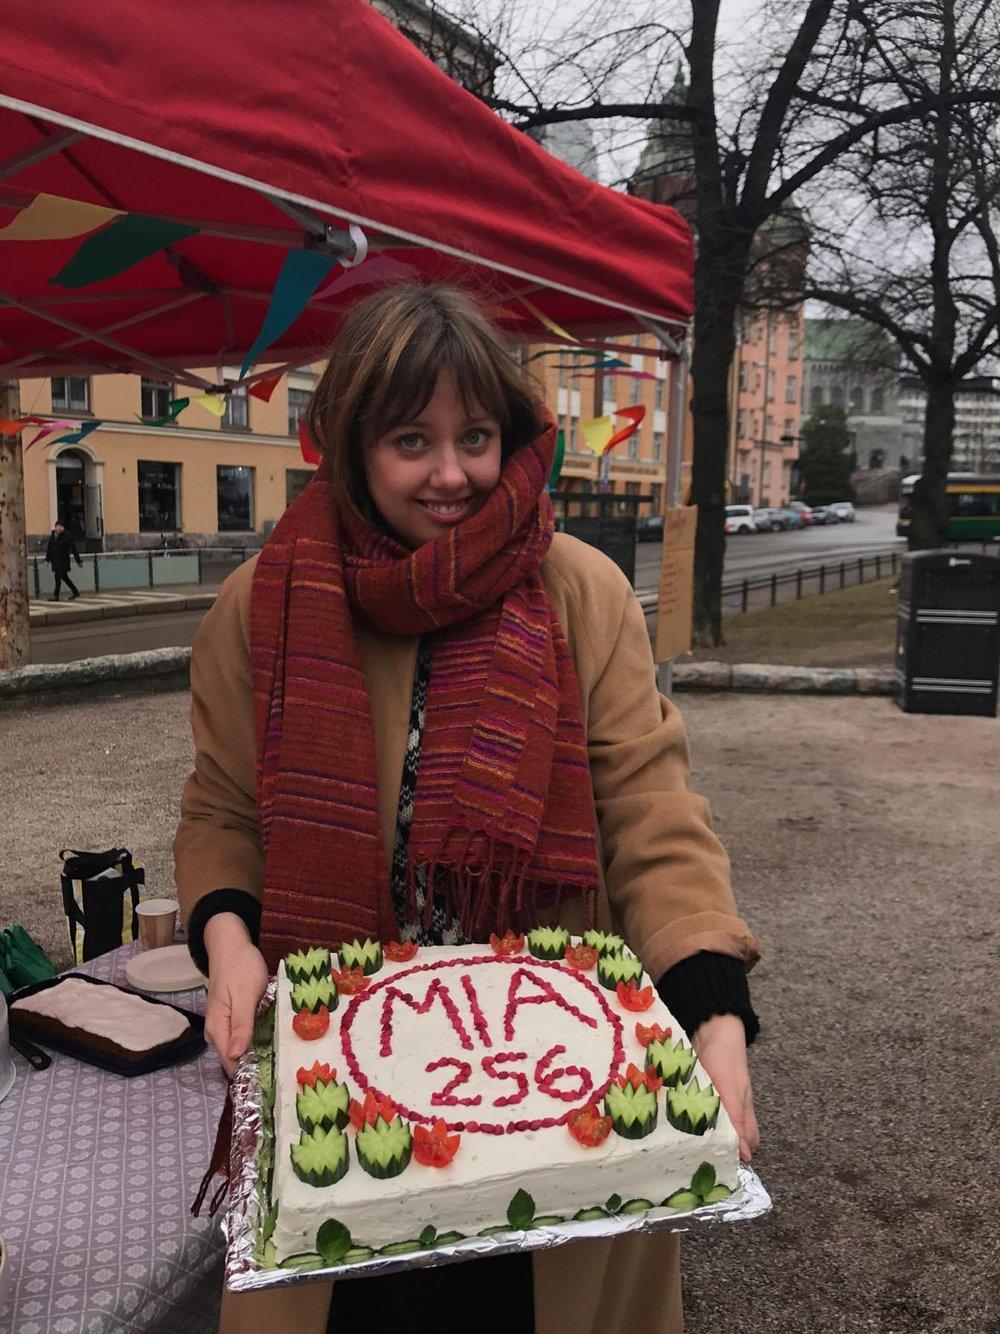 Mia Haglund som är en av mina goda vänner ordnade i dag valkafé i Björnparken. Kanske världens finaste smörgåstårta?!